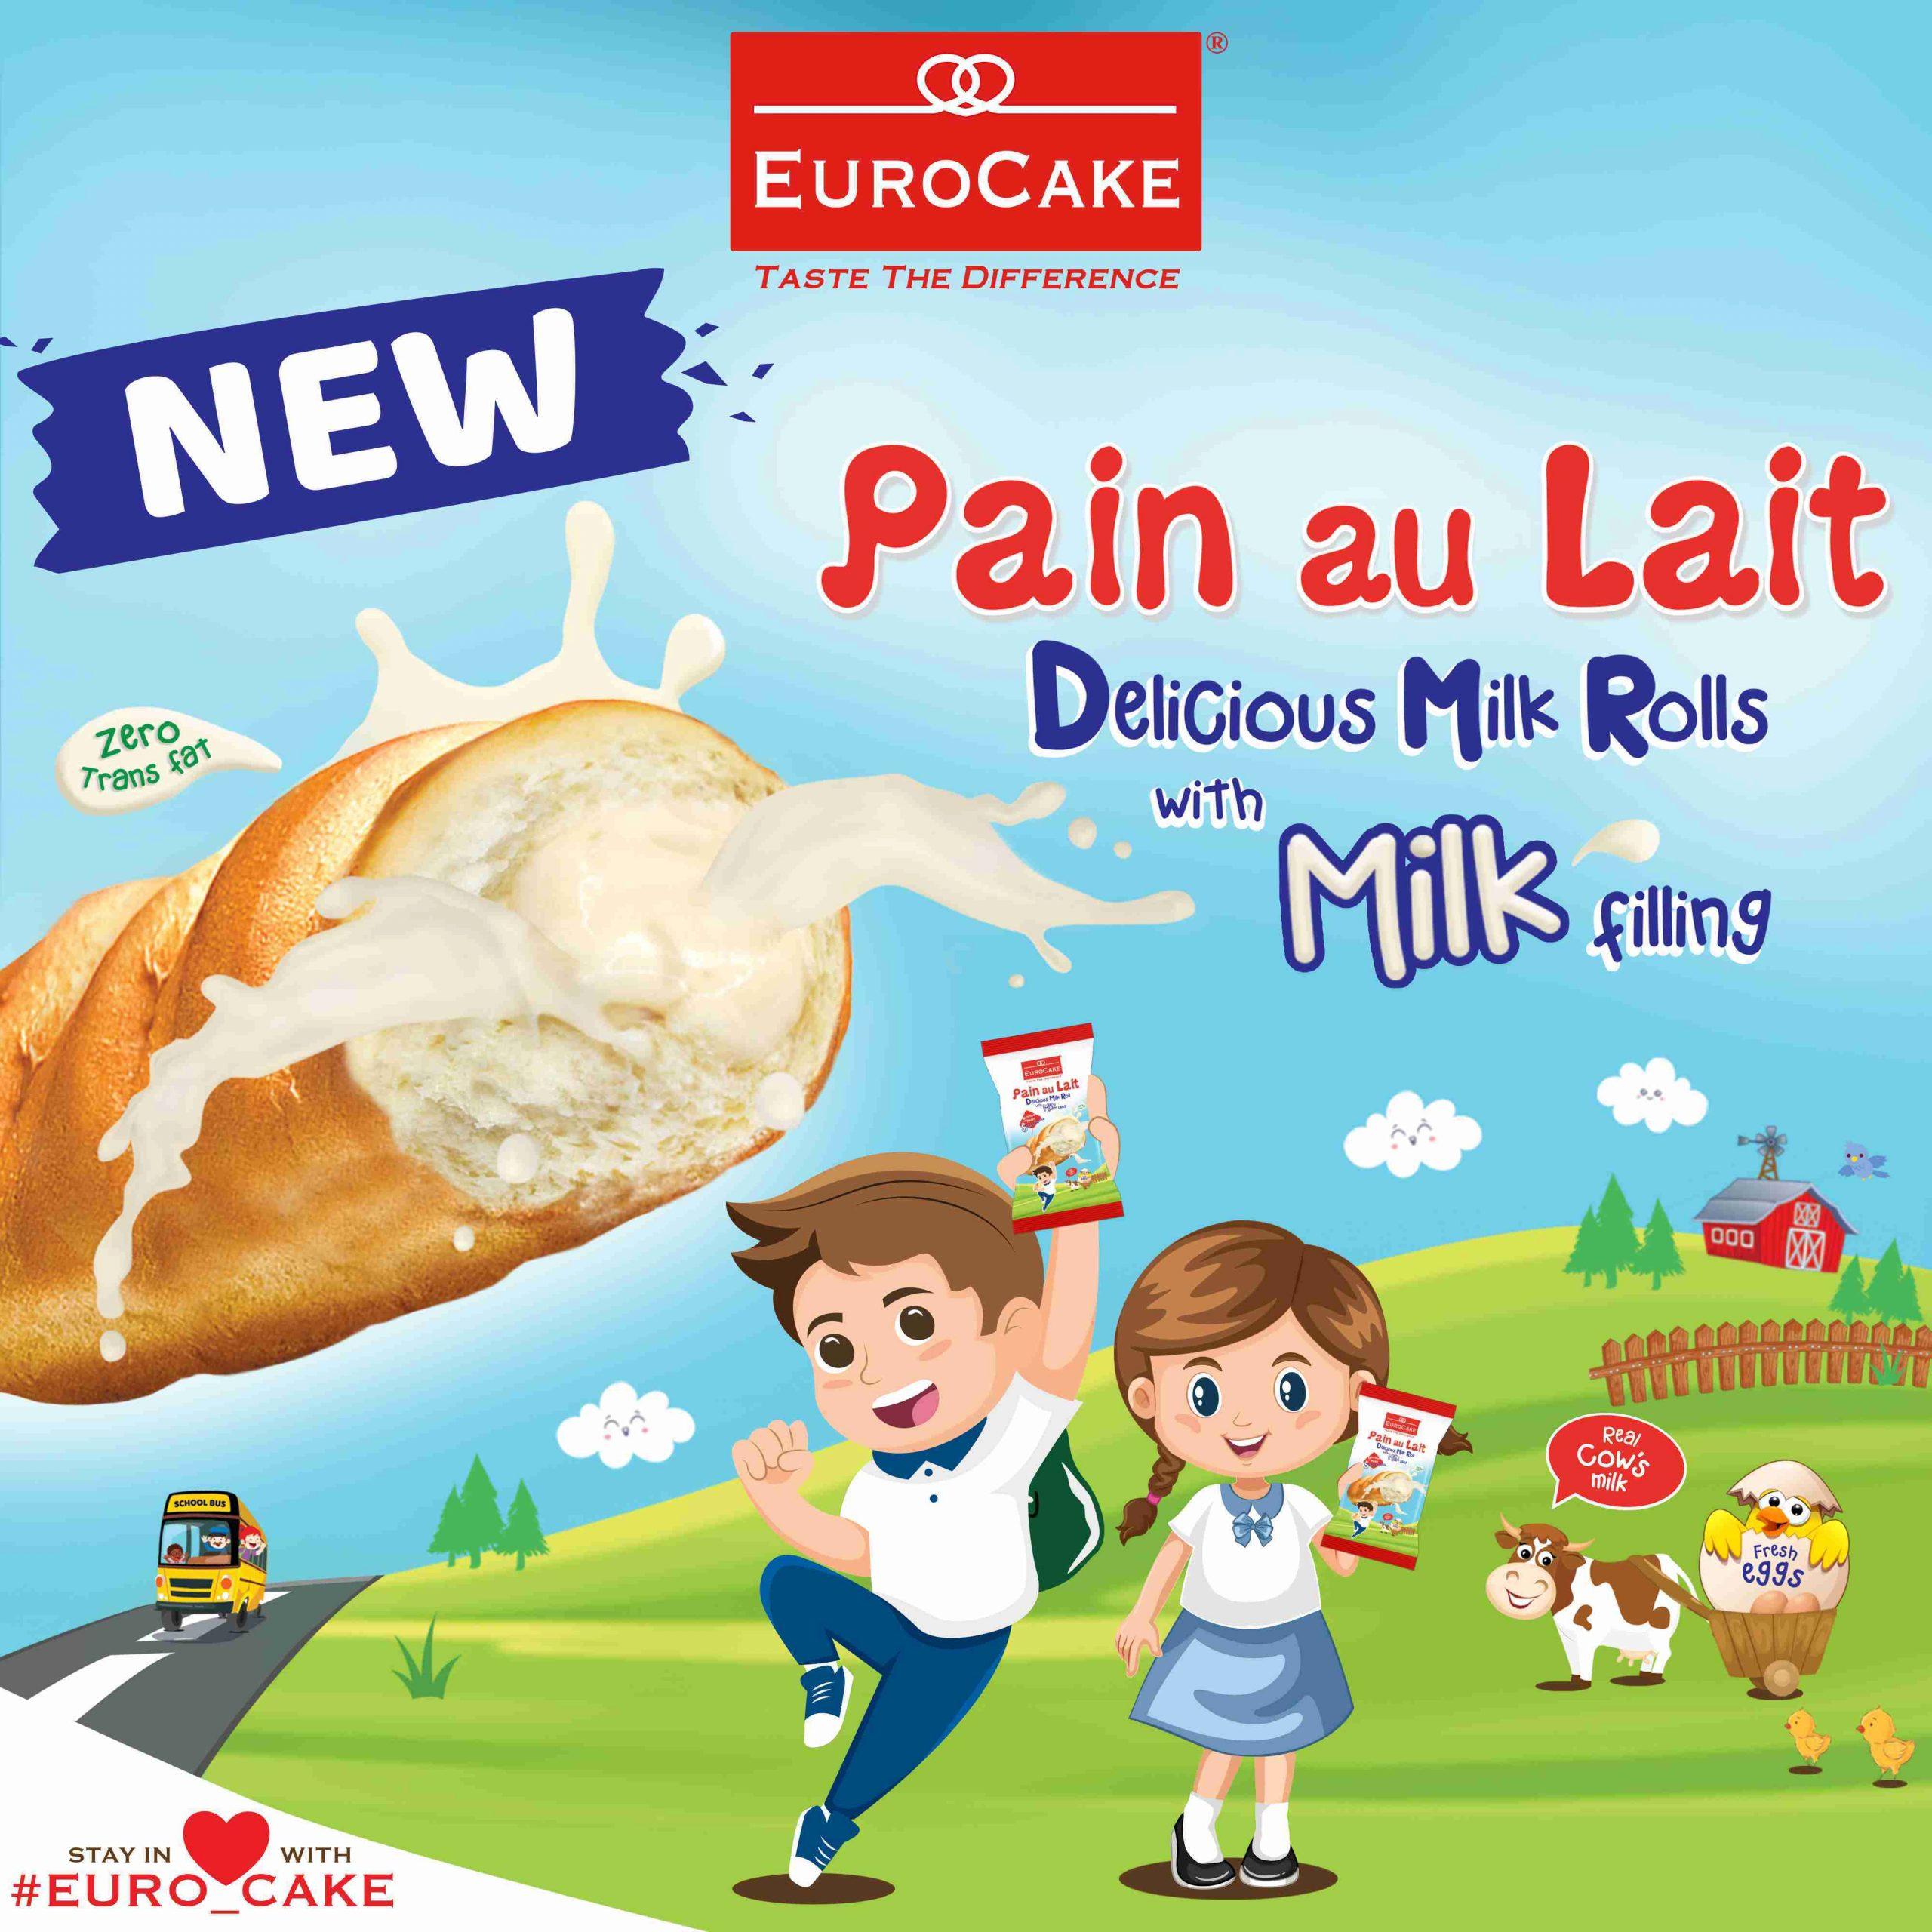 EUROCAKE - PAIN AU LAIT with Milk Filling